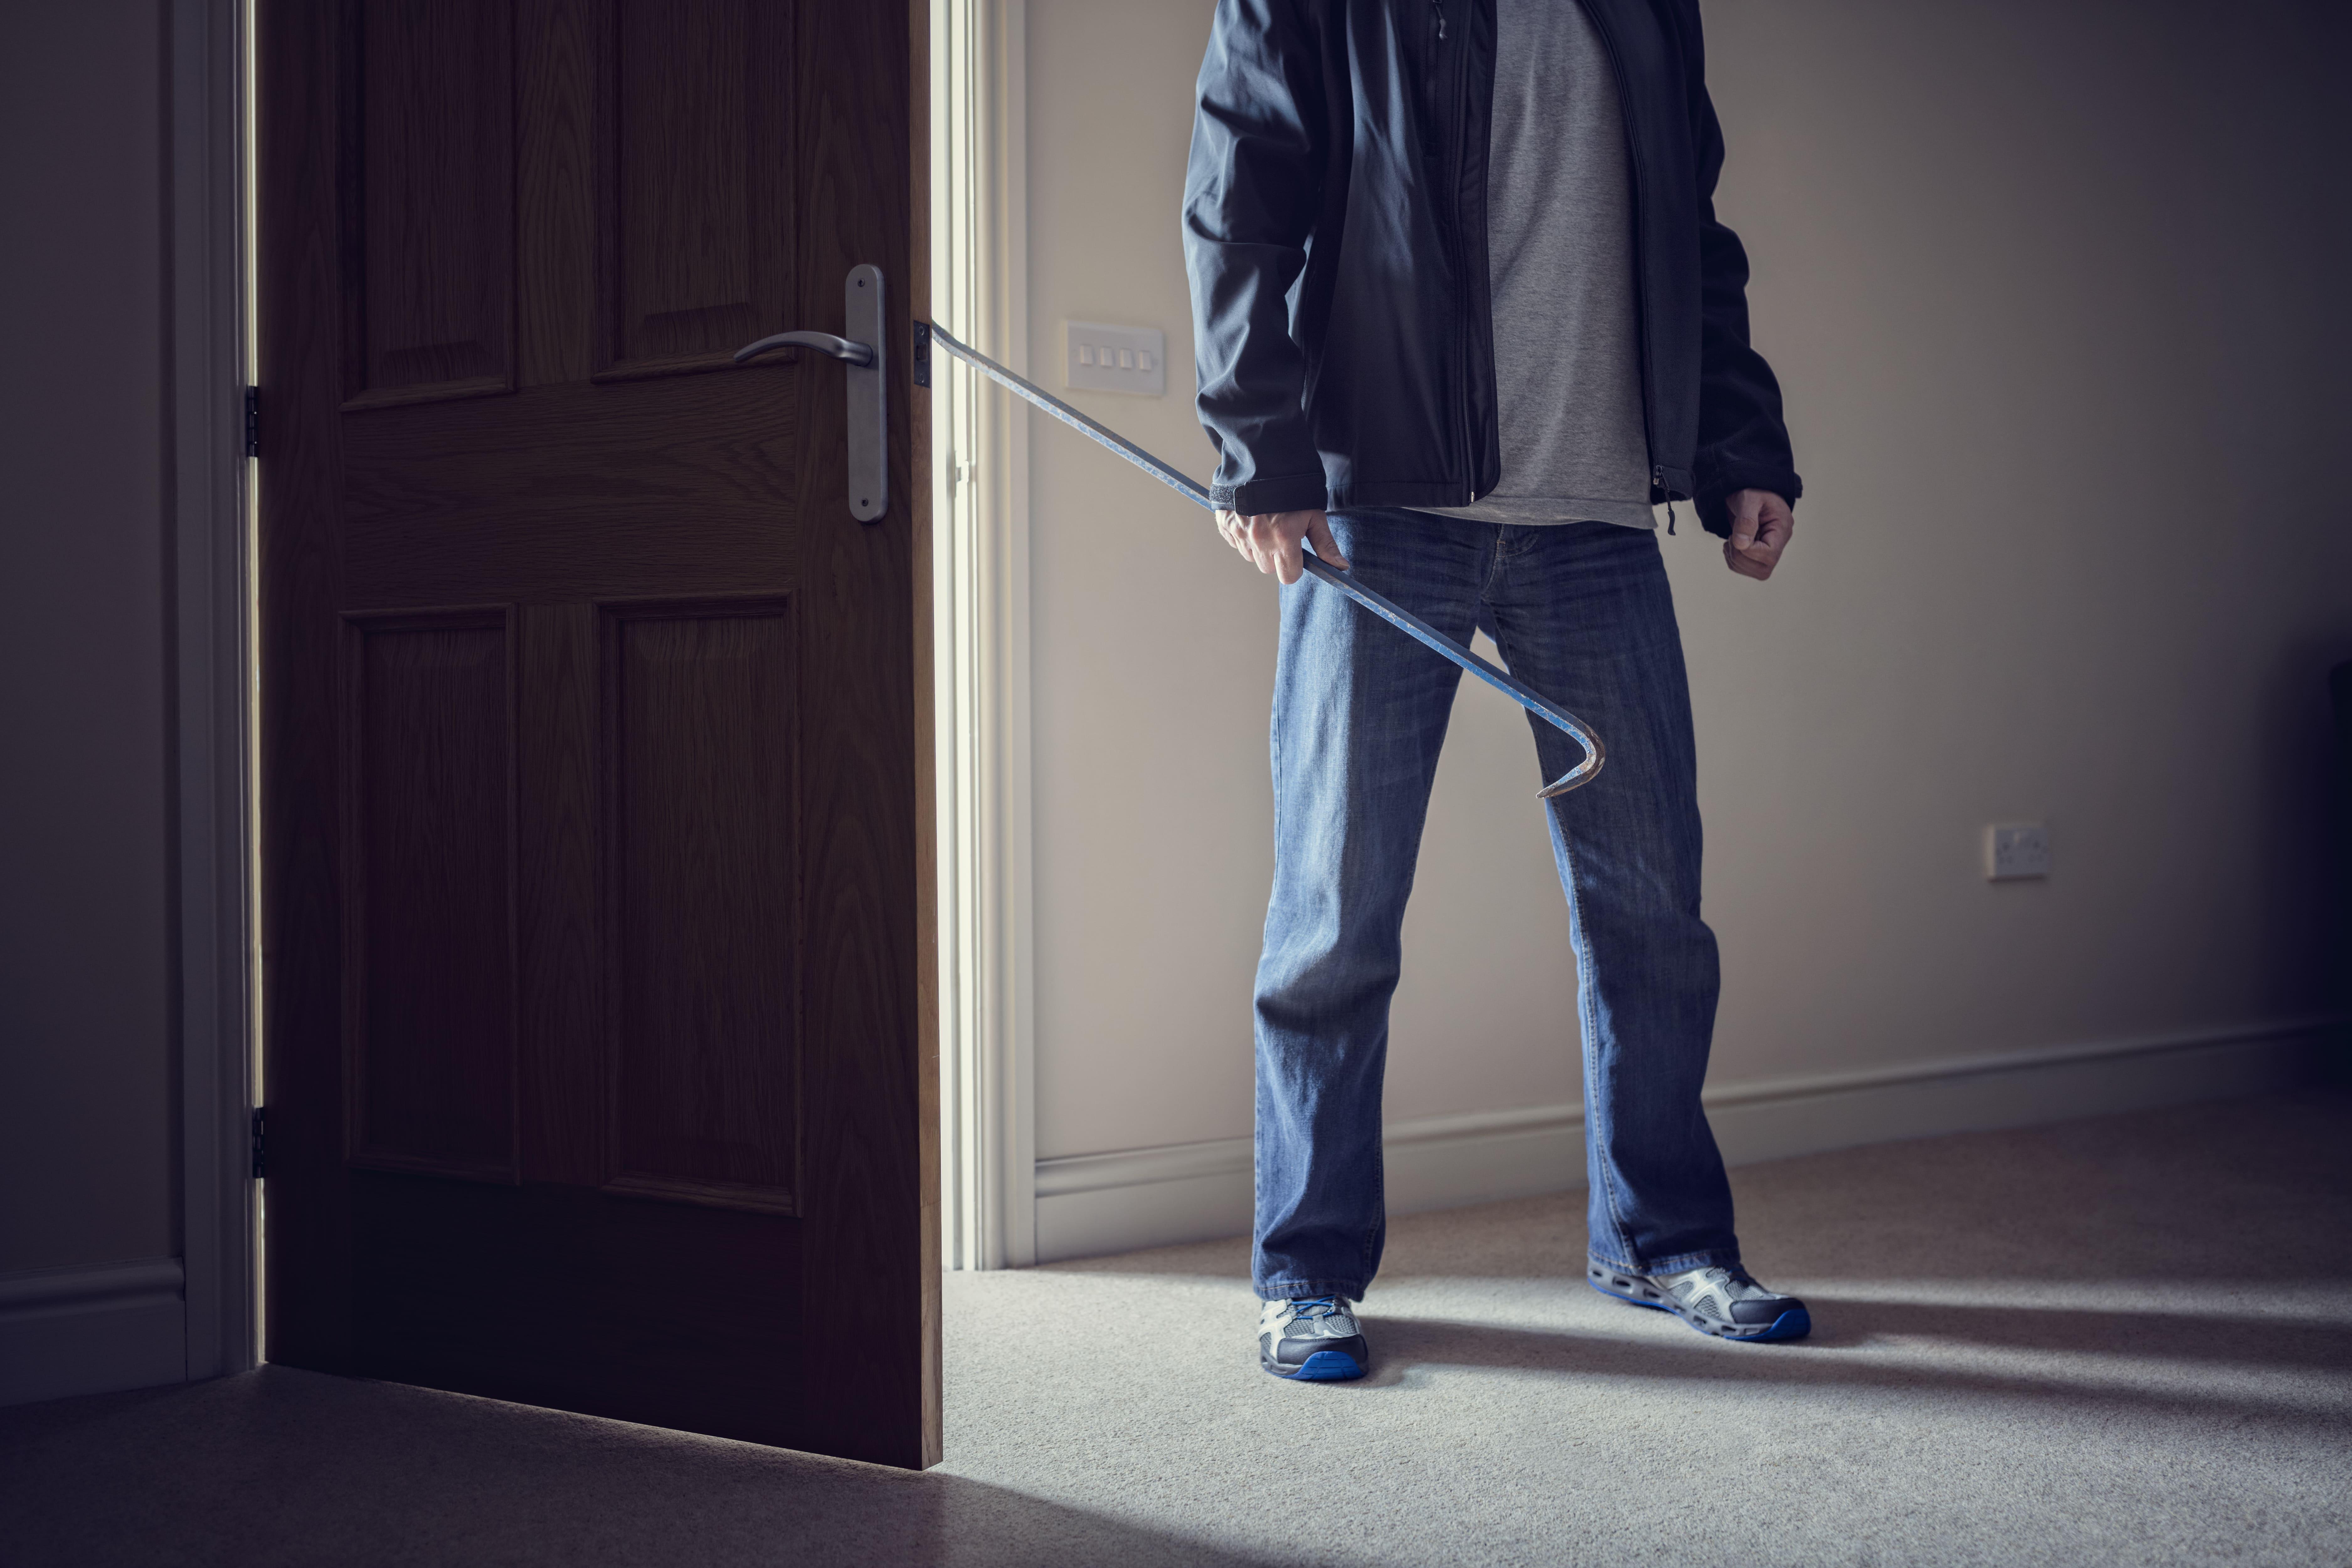 robos casa, robos hogar, ladrones en casa, lodrones hogar